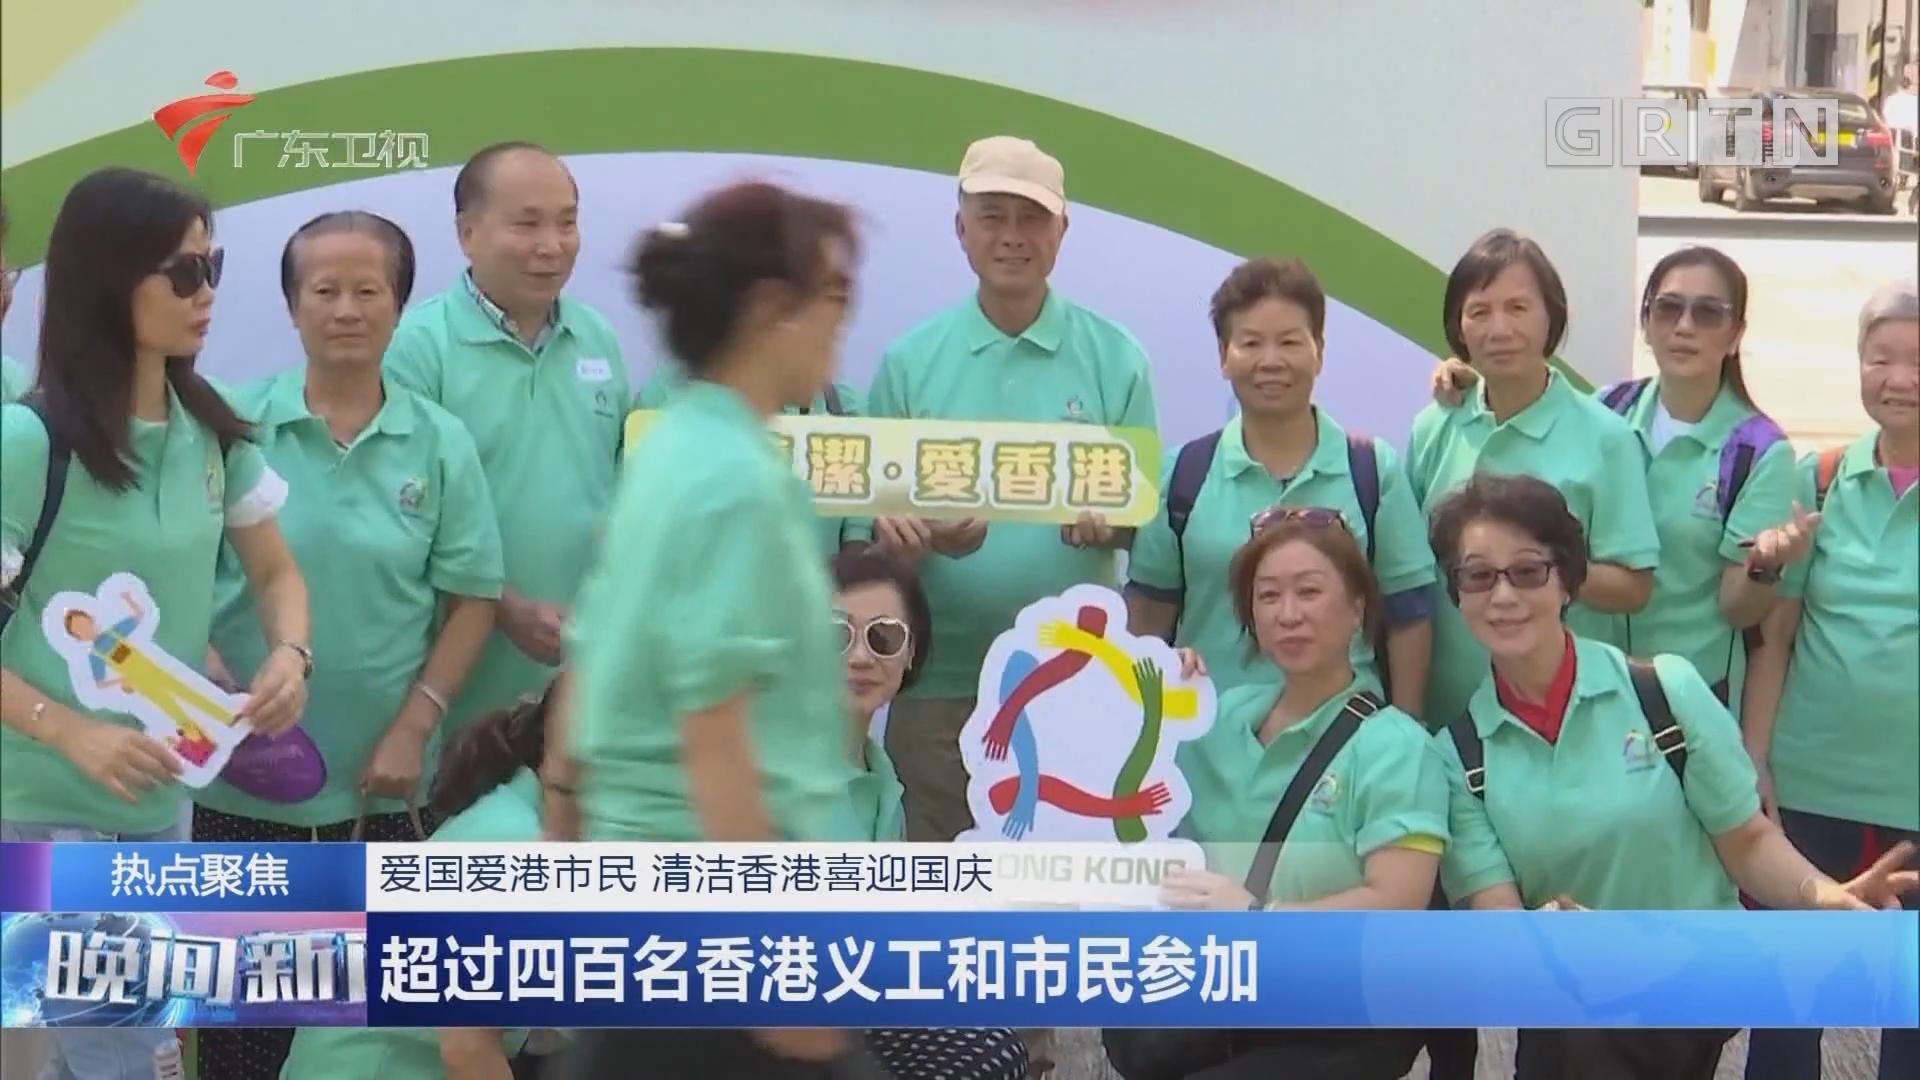 爱国爱港市民 清洁香港喜迎国庆 超过四百名香港义工和市民参加